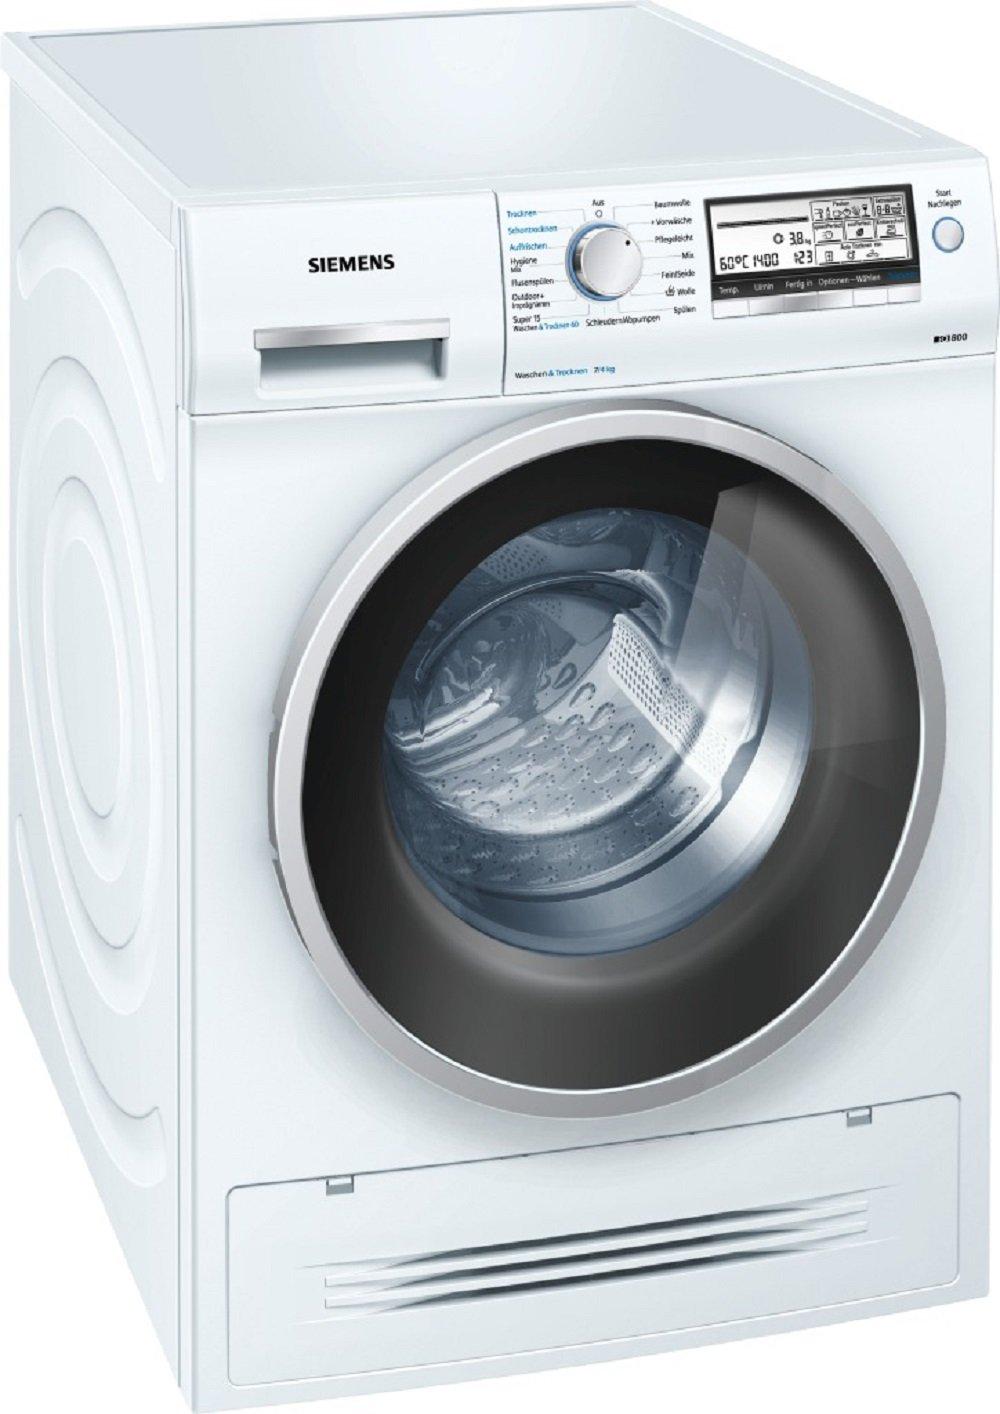 Siemens-WD15H540-Vollwaschtrockner-FL-A-952-kWhJahr-1500-UpM-7-kg-11400-LJahr-Selbstreinigungs-Automatik-wei